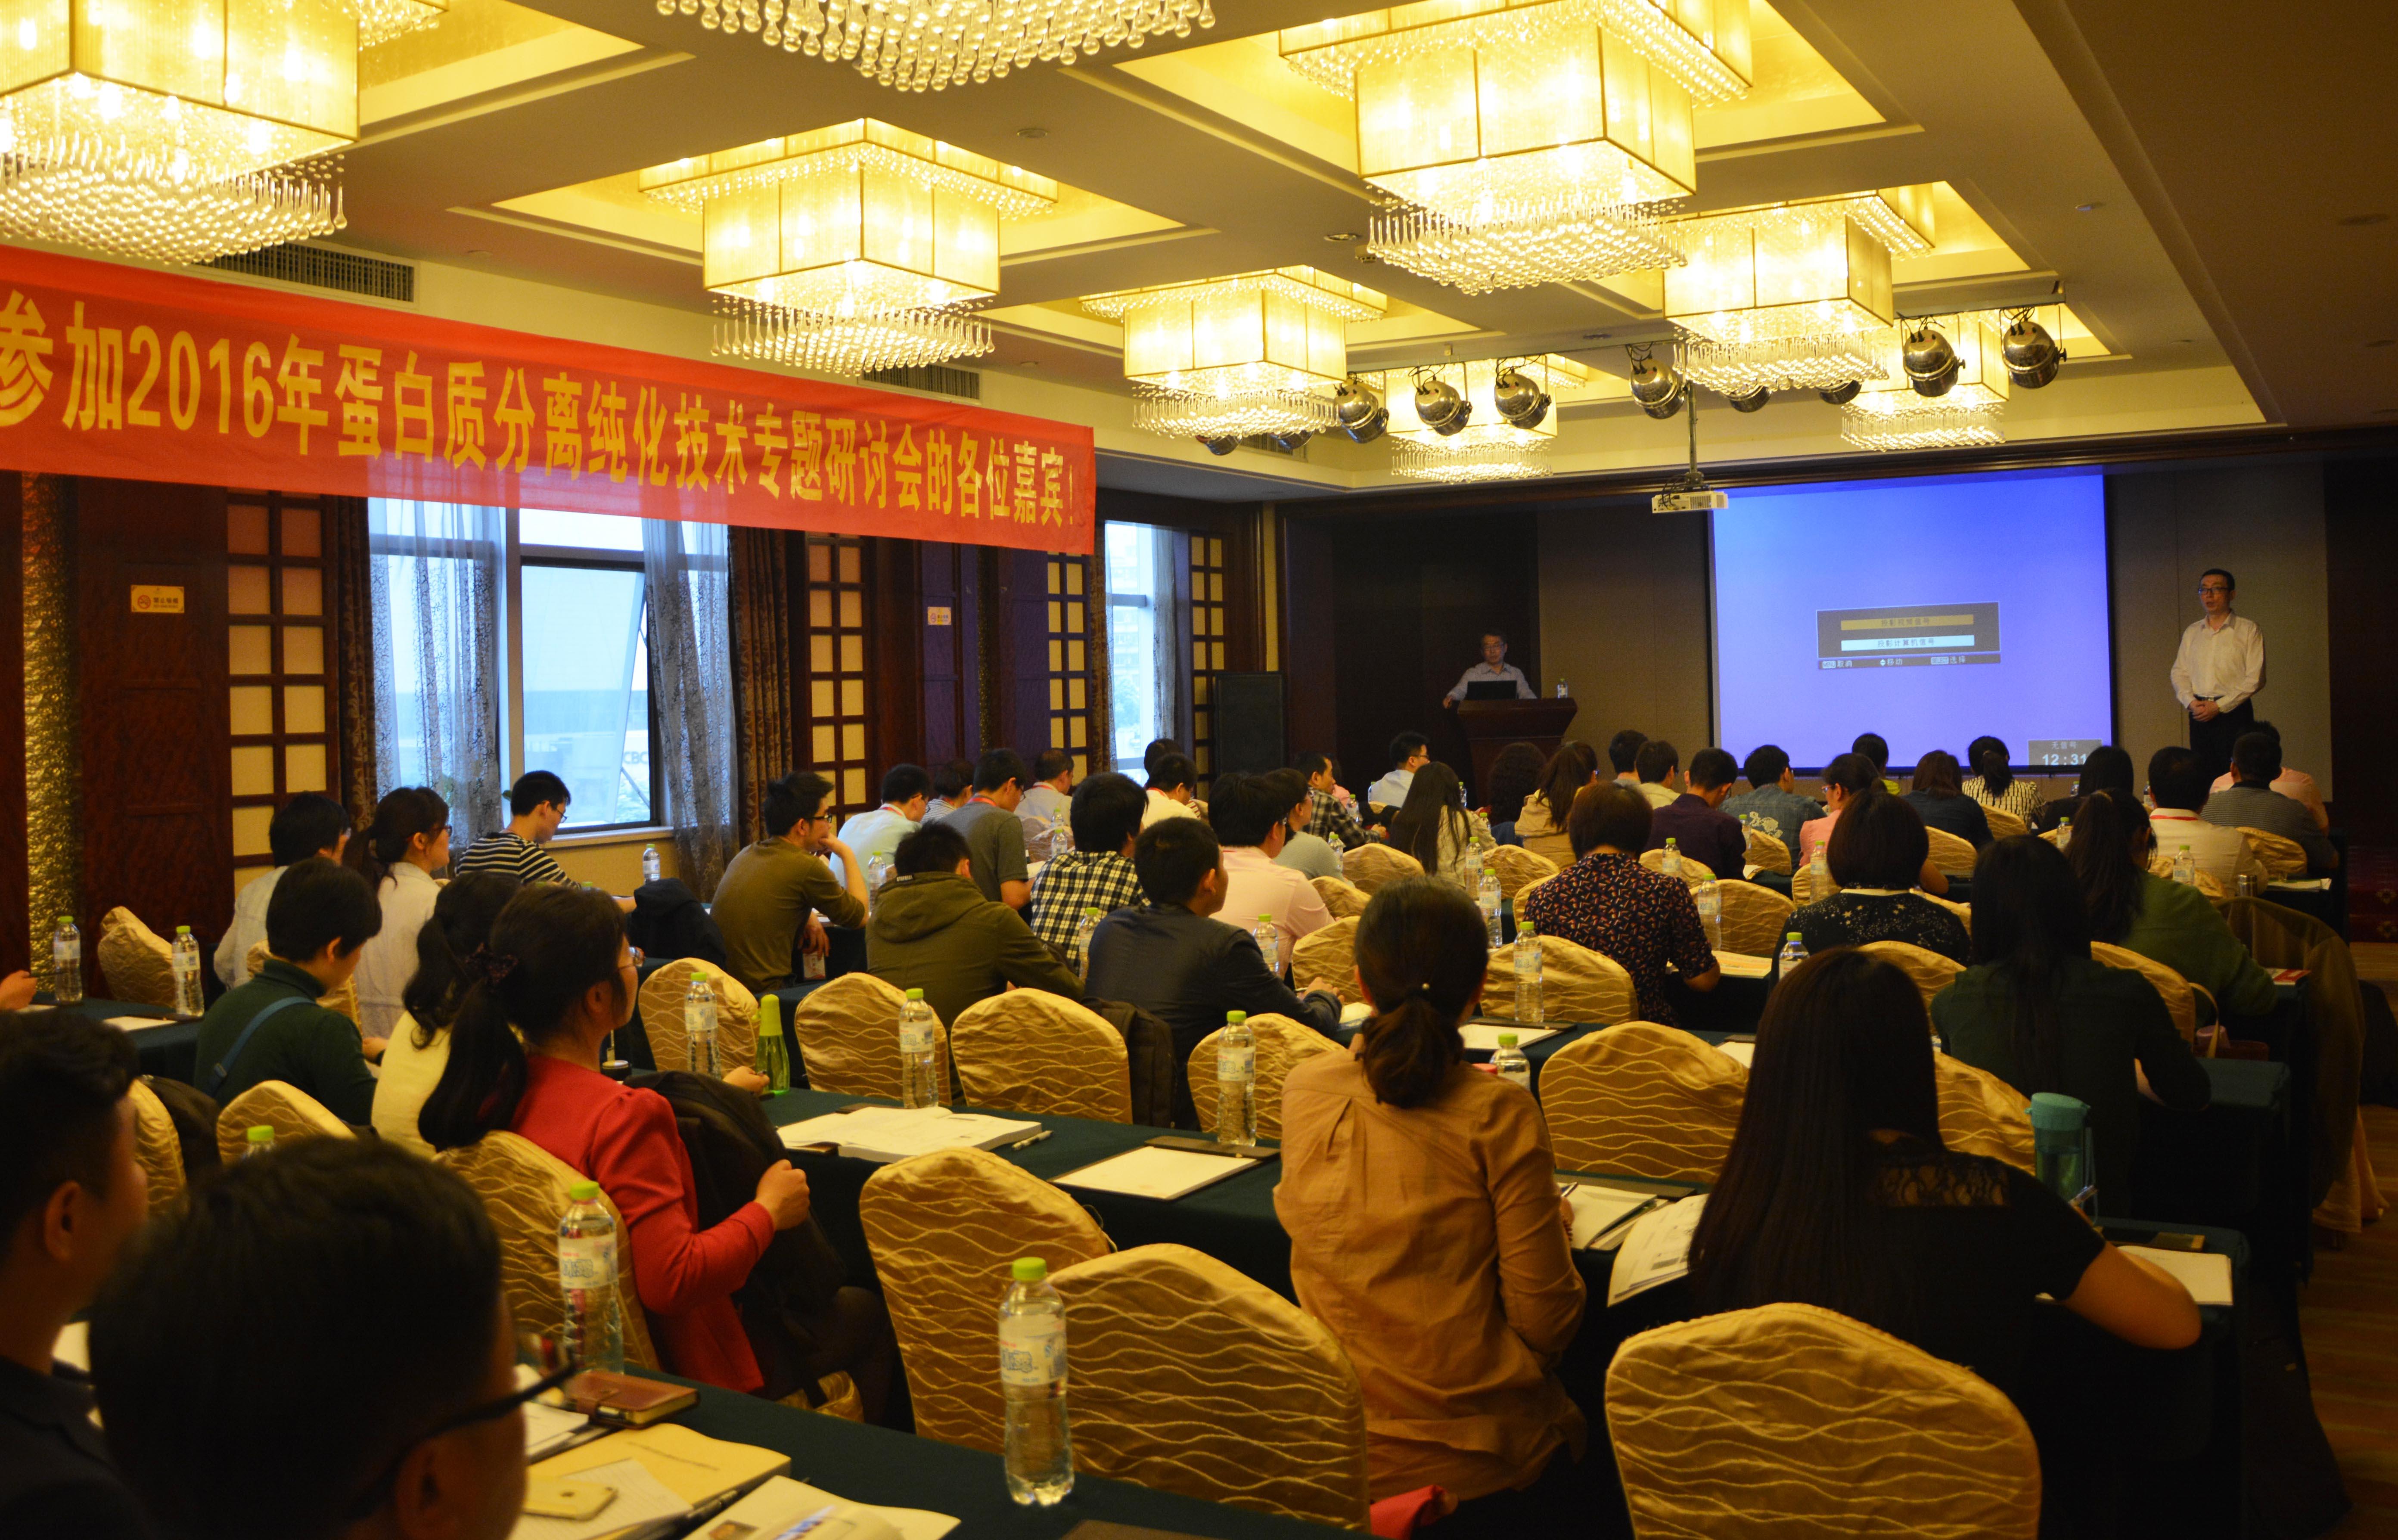 安琪承办中国生物工程学会第20期蛋白质分离纯化技术专题研讨会